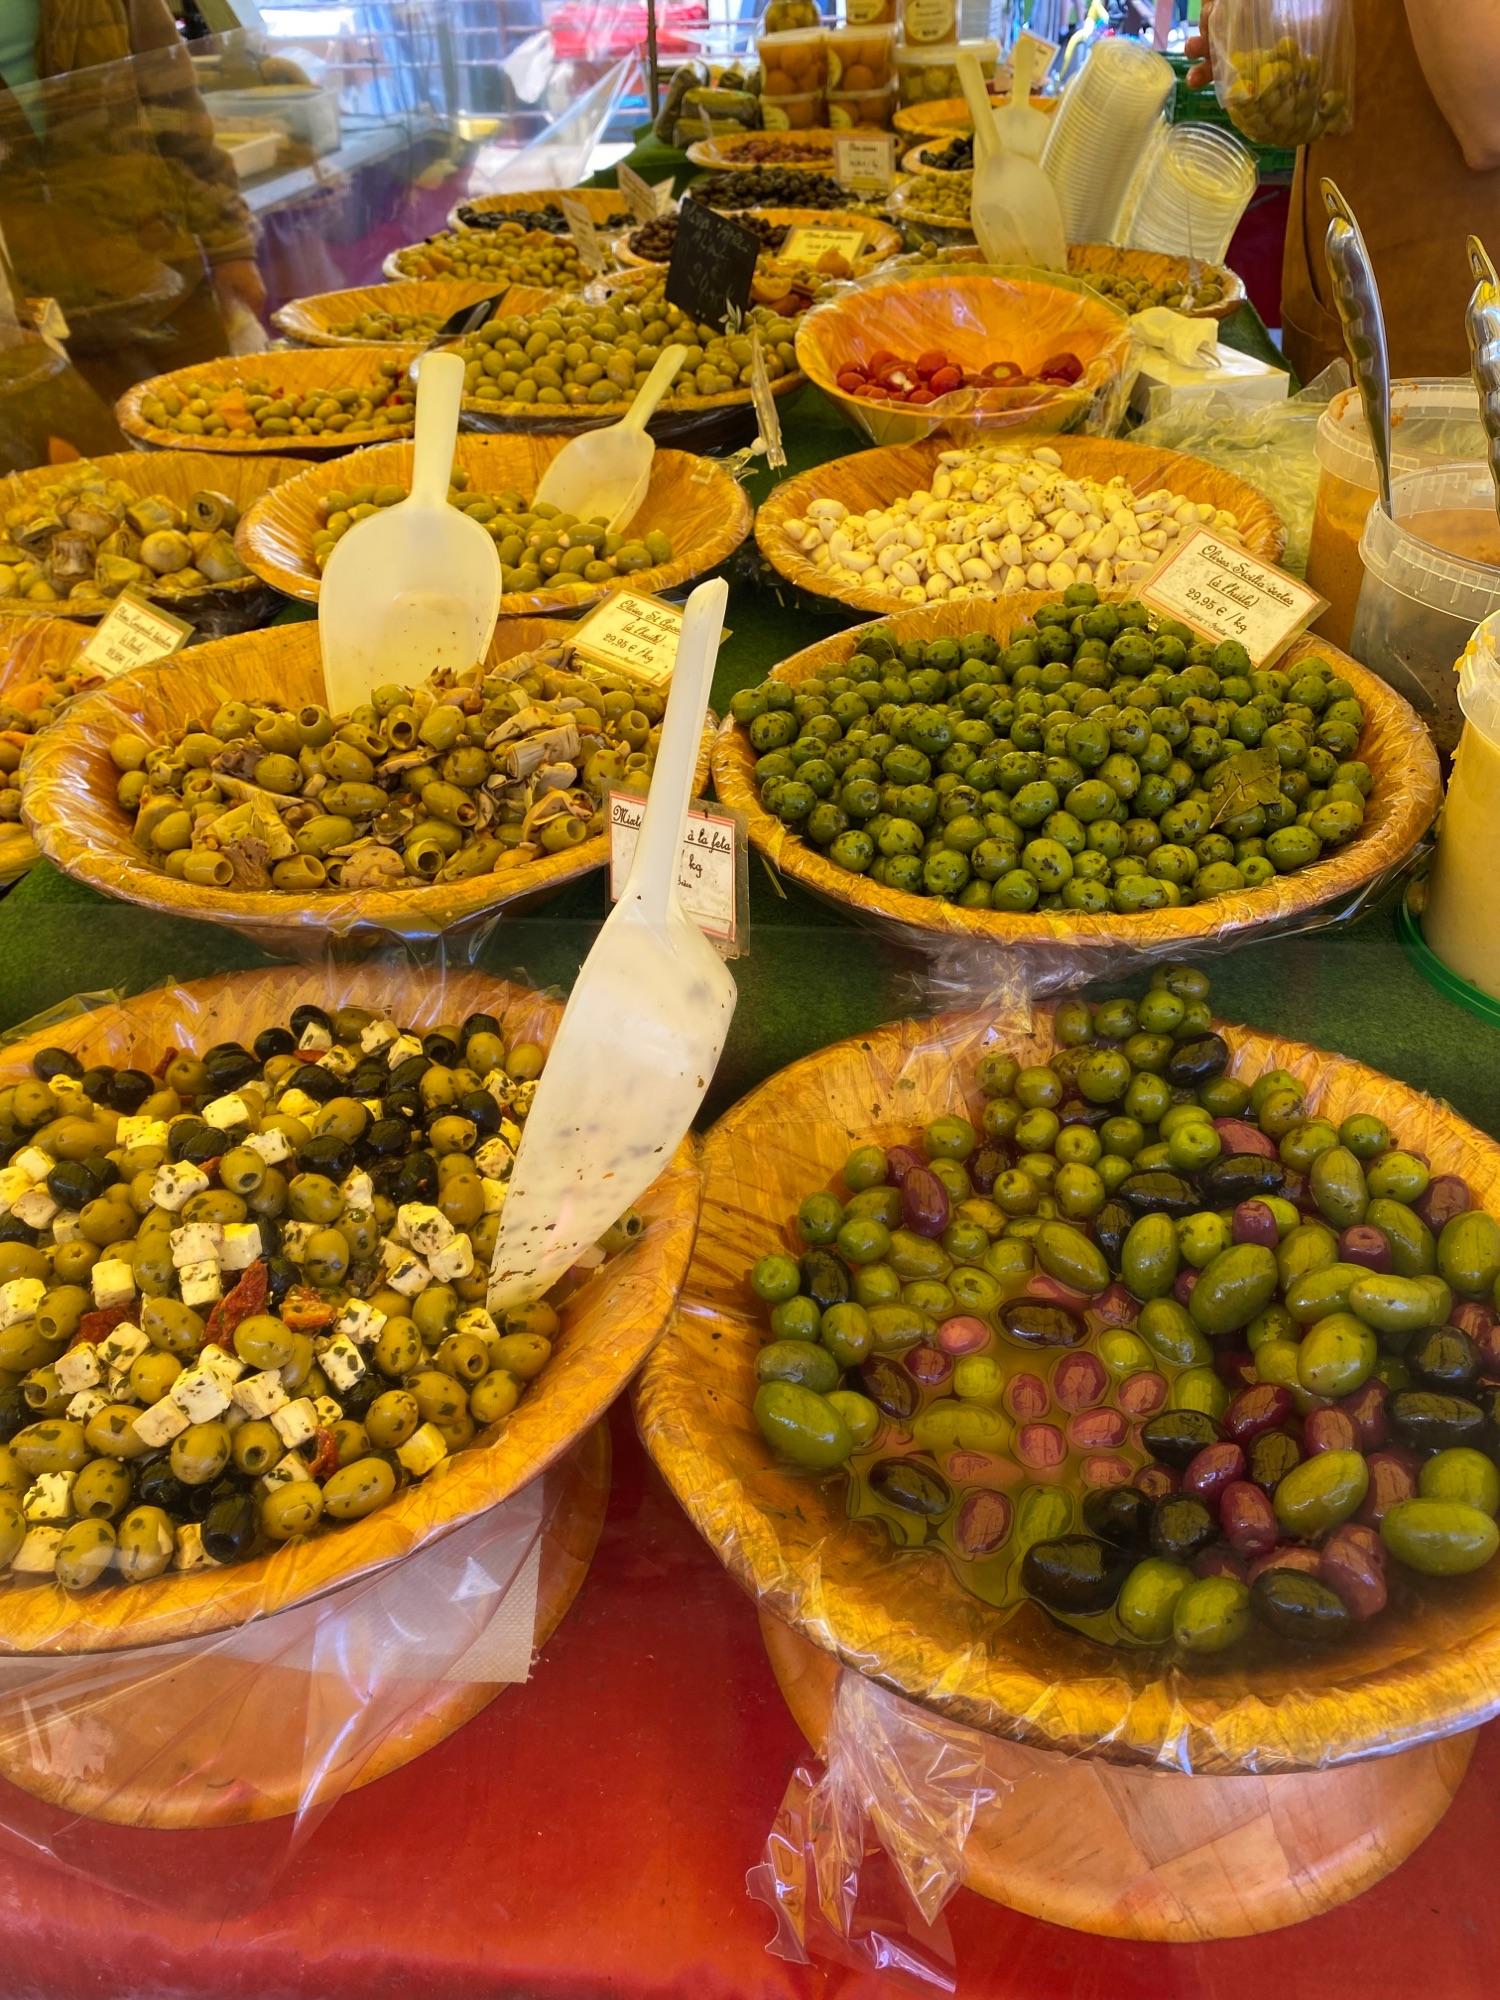 И оливки (от жадности немного не в фокусе)